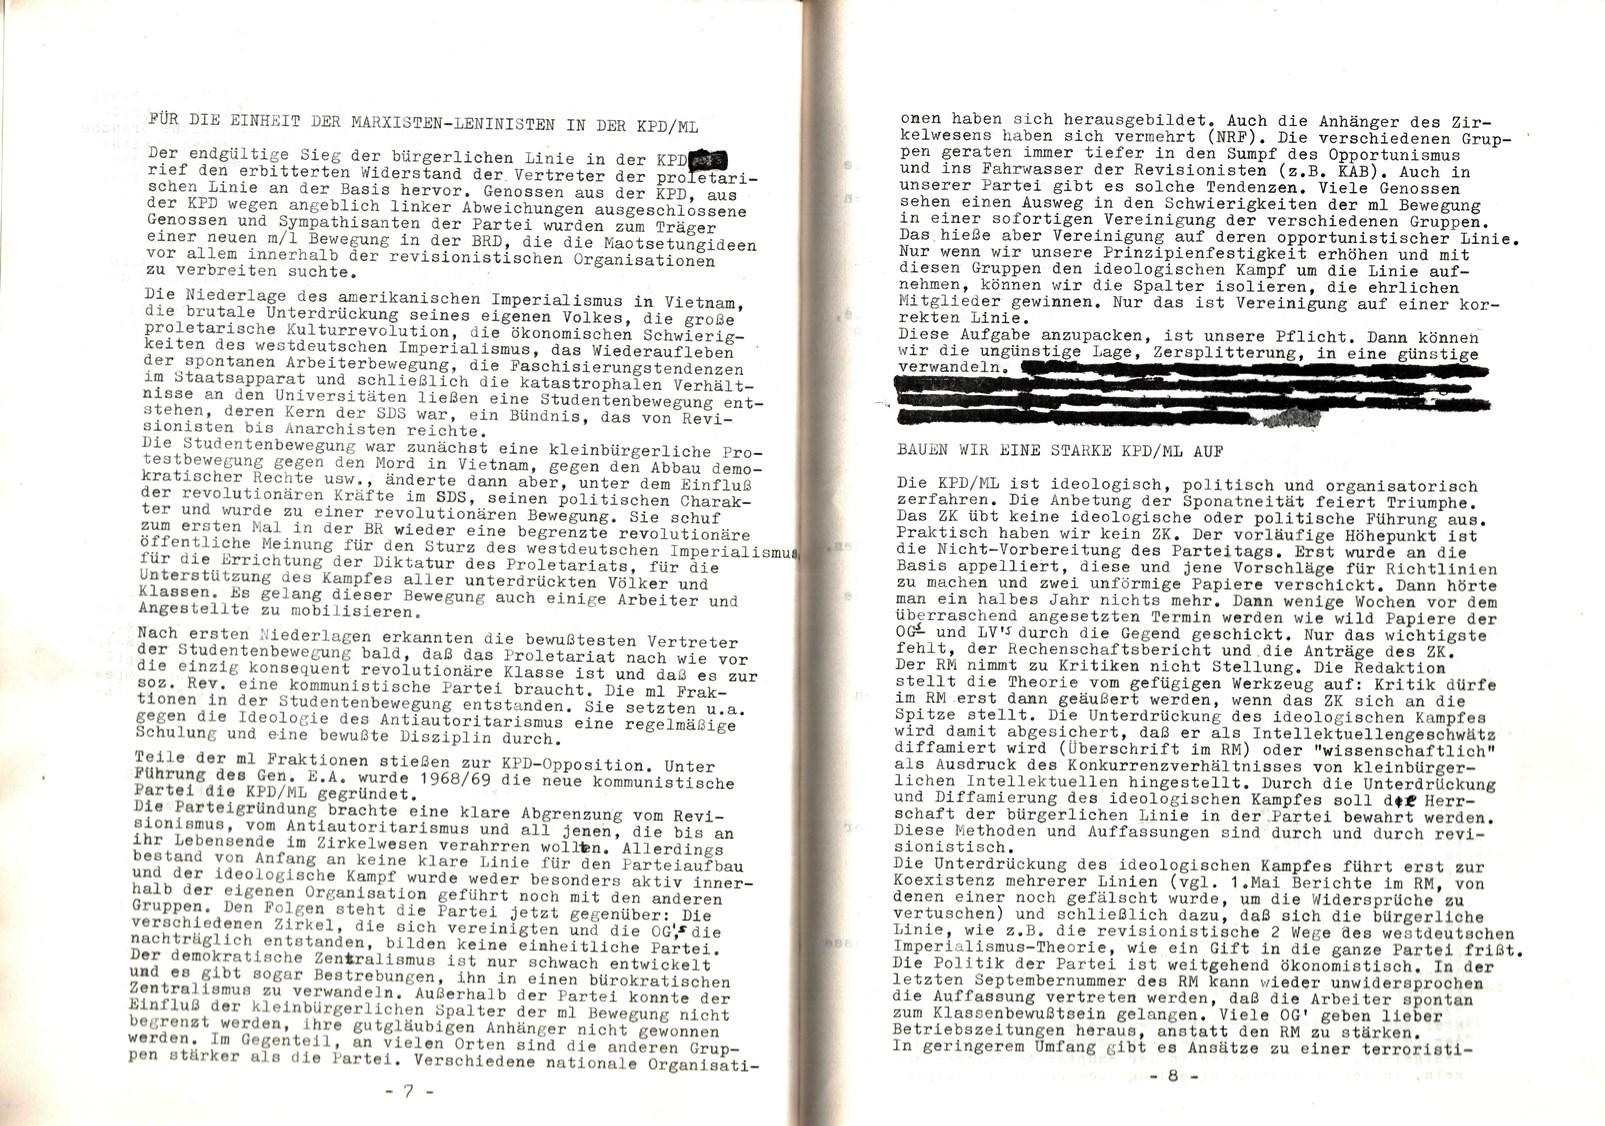 KPDML_1971_Analysen_und_Antraege_des_LV_Sued_West_047